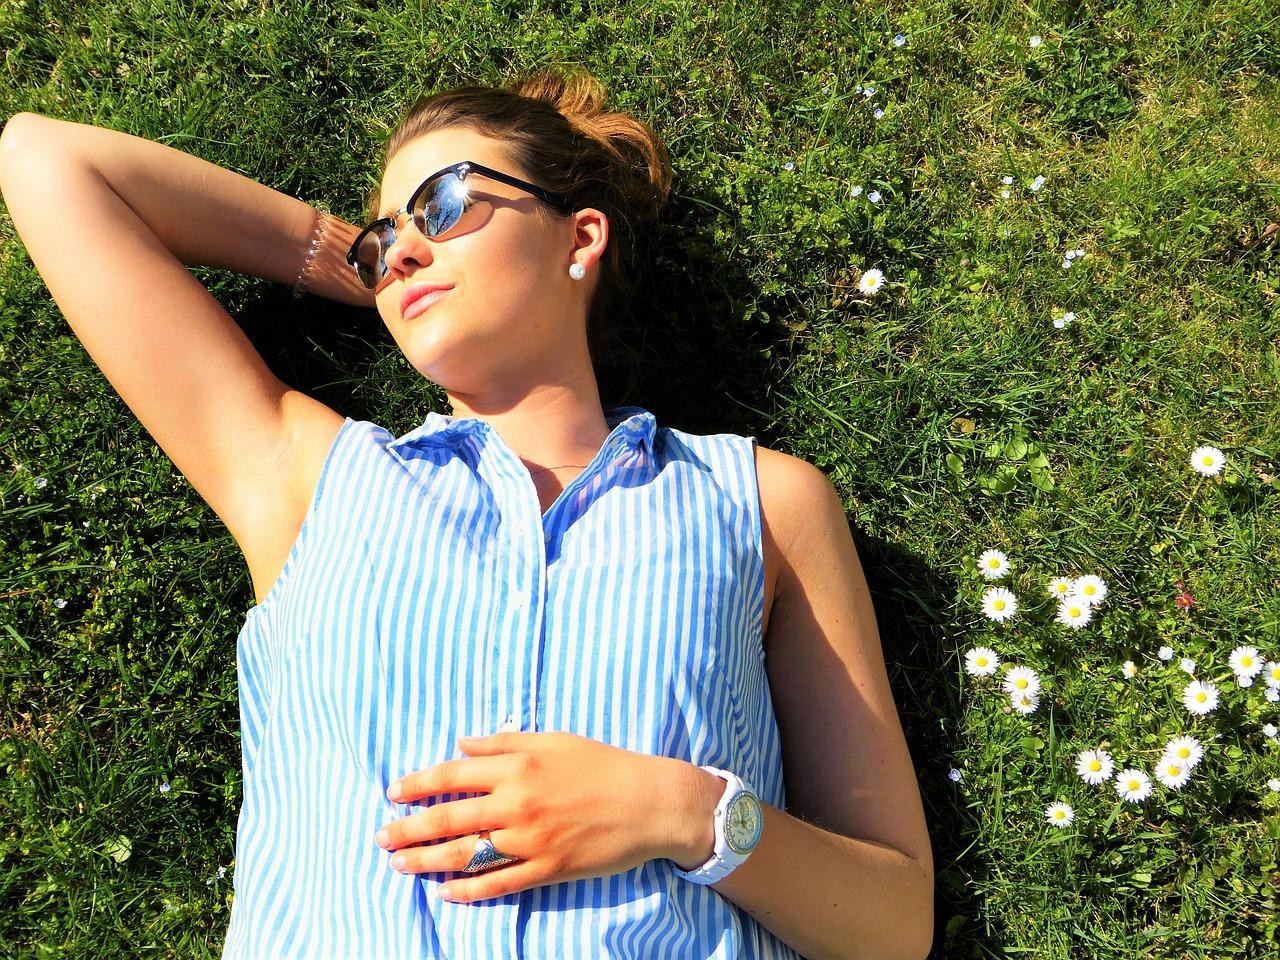 Die Sonne ist ein sehr guter Vitamin D Spender.